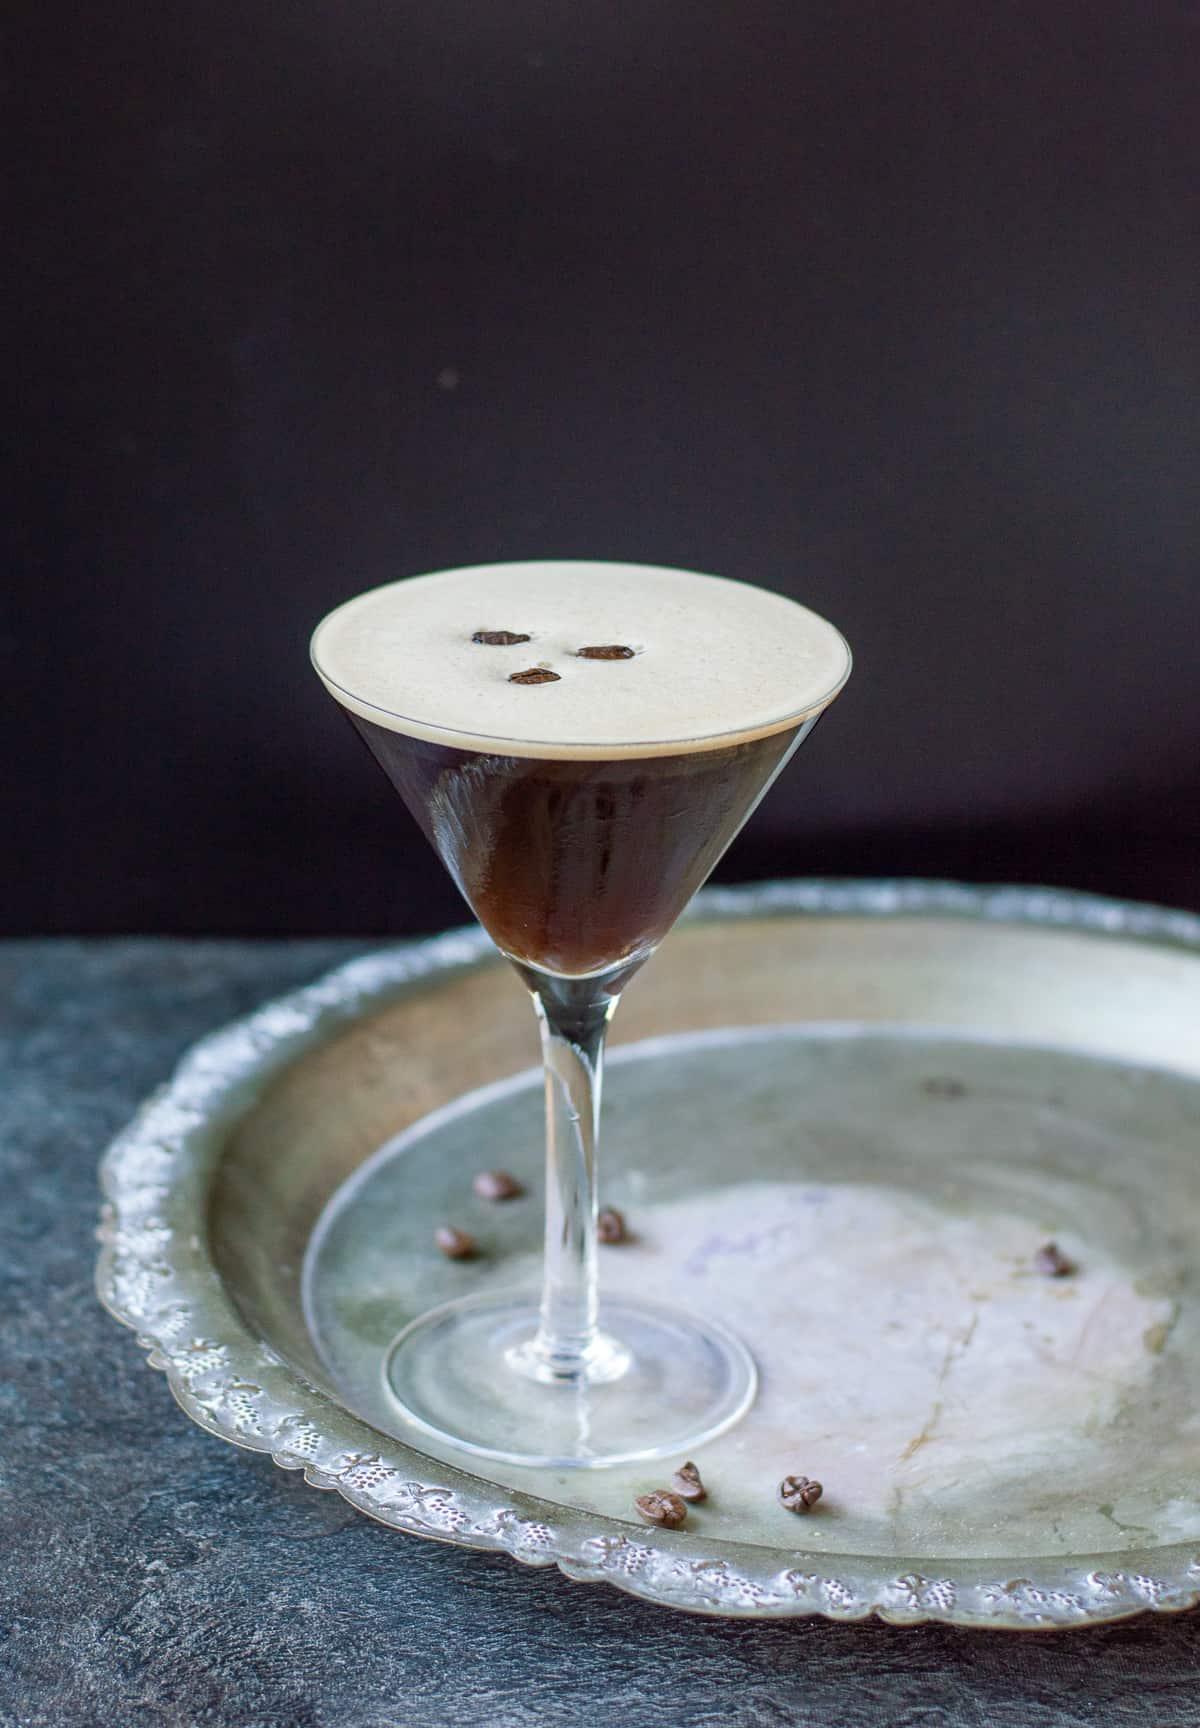 Espresso Martini with coffee beans in a martini glass